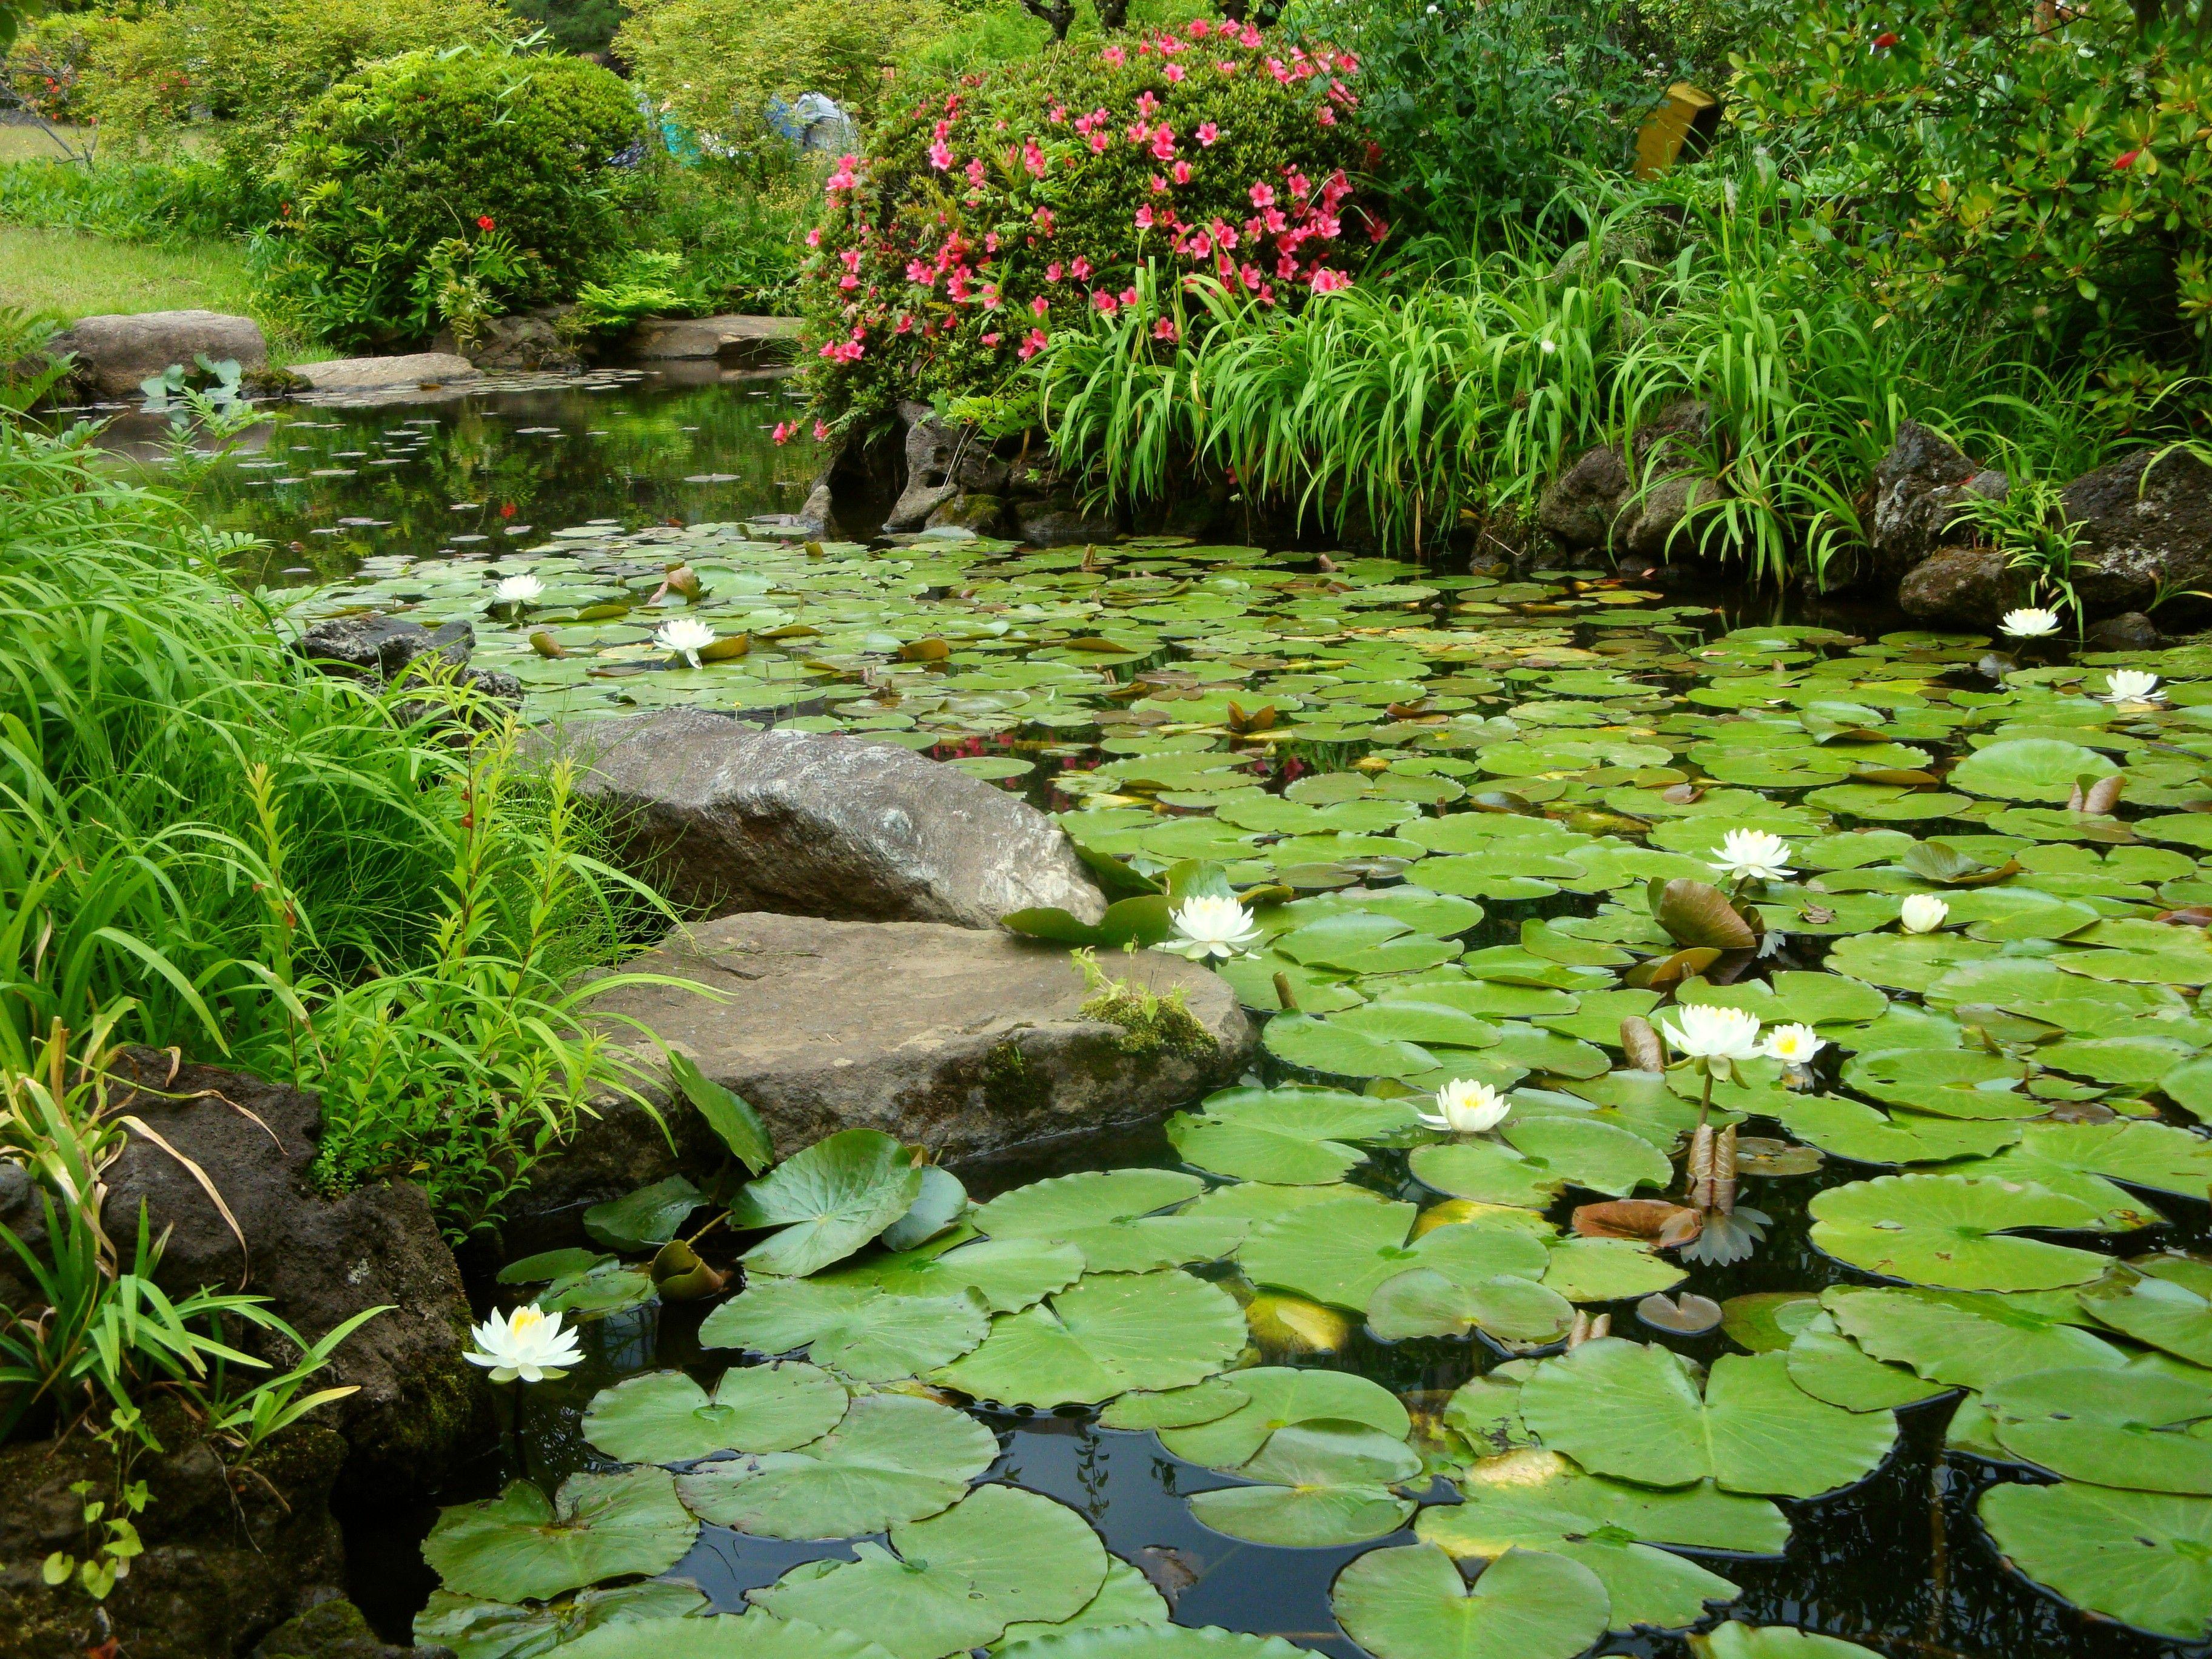 растения возле пруда фото ранние